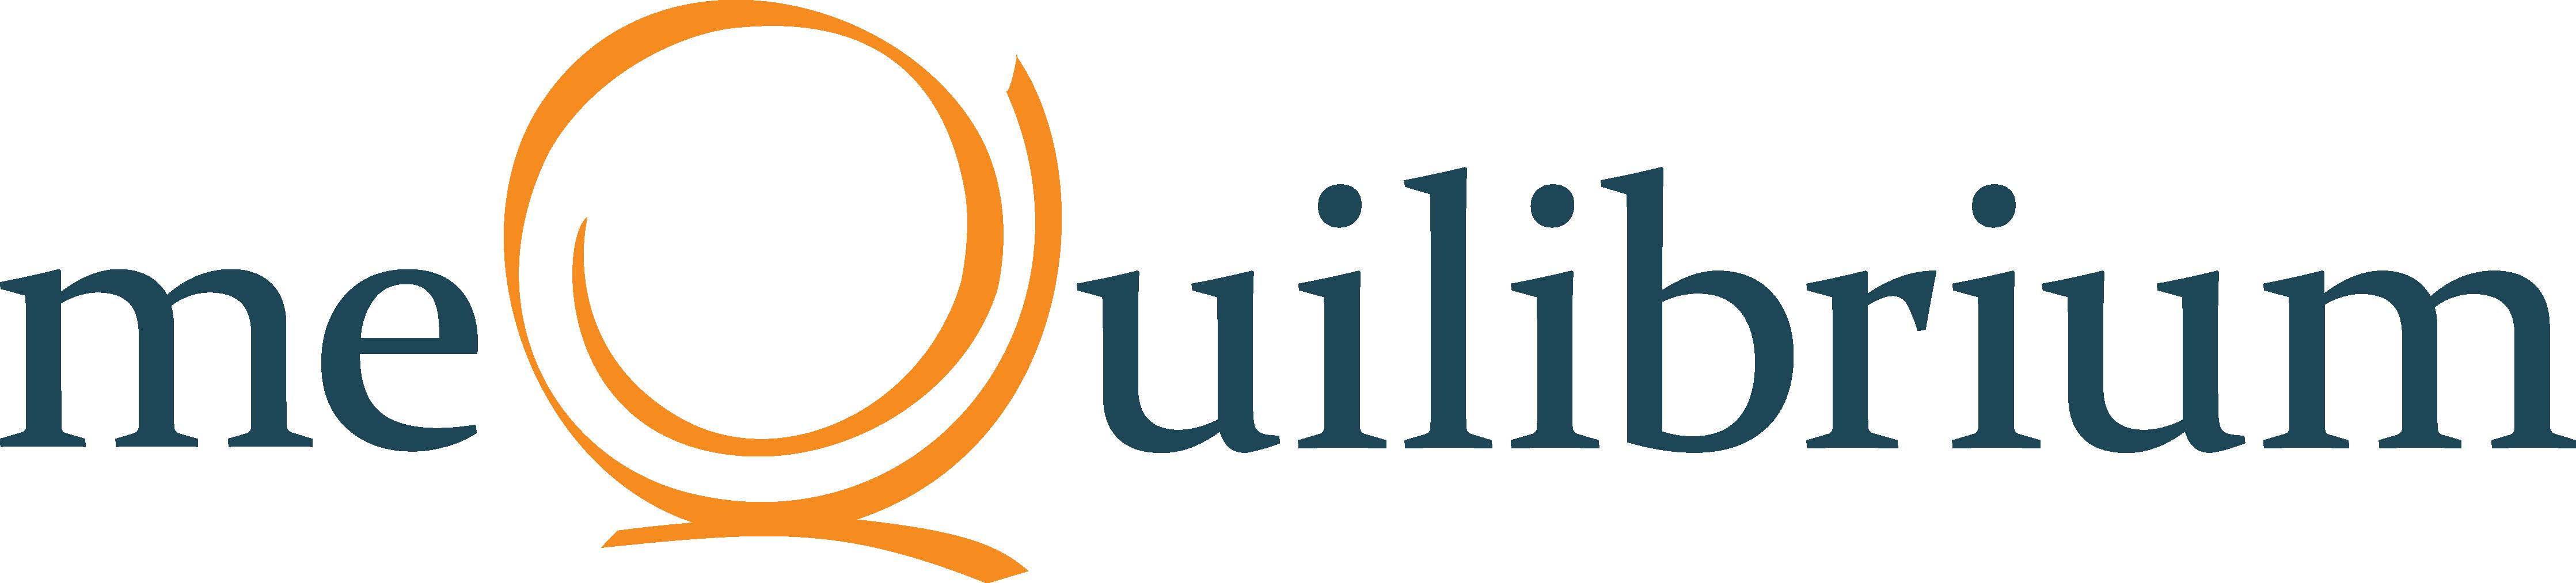 meQuilibrium-logo-standard